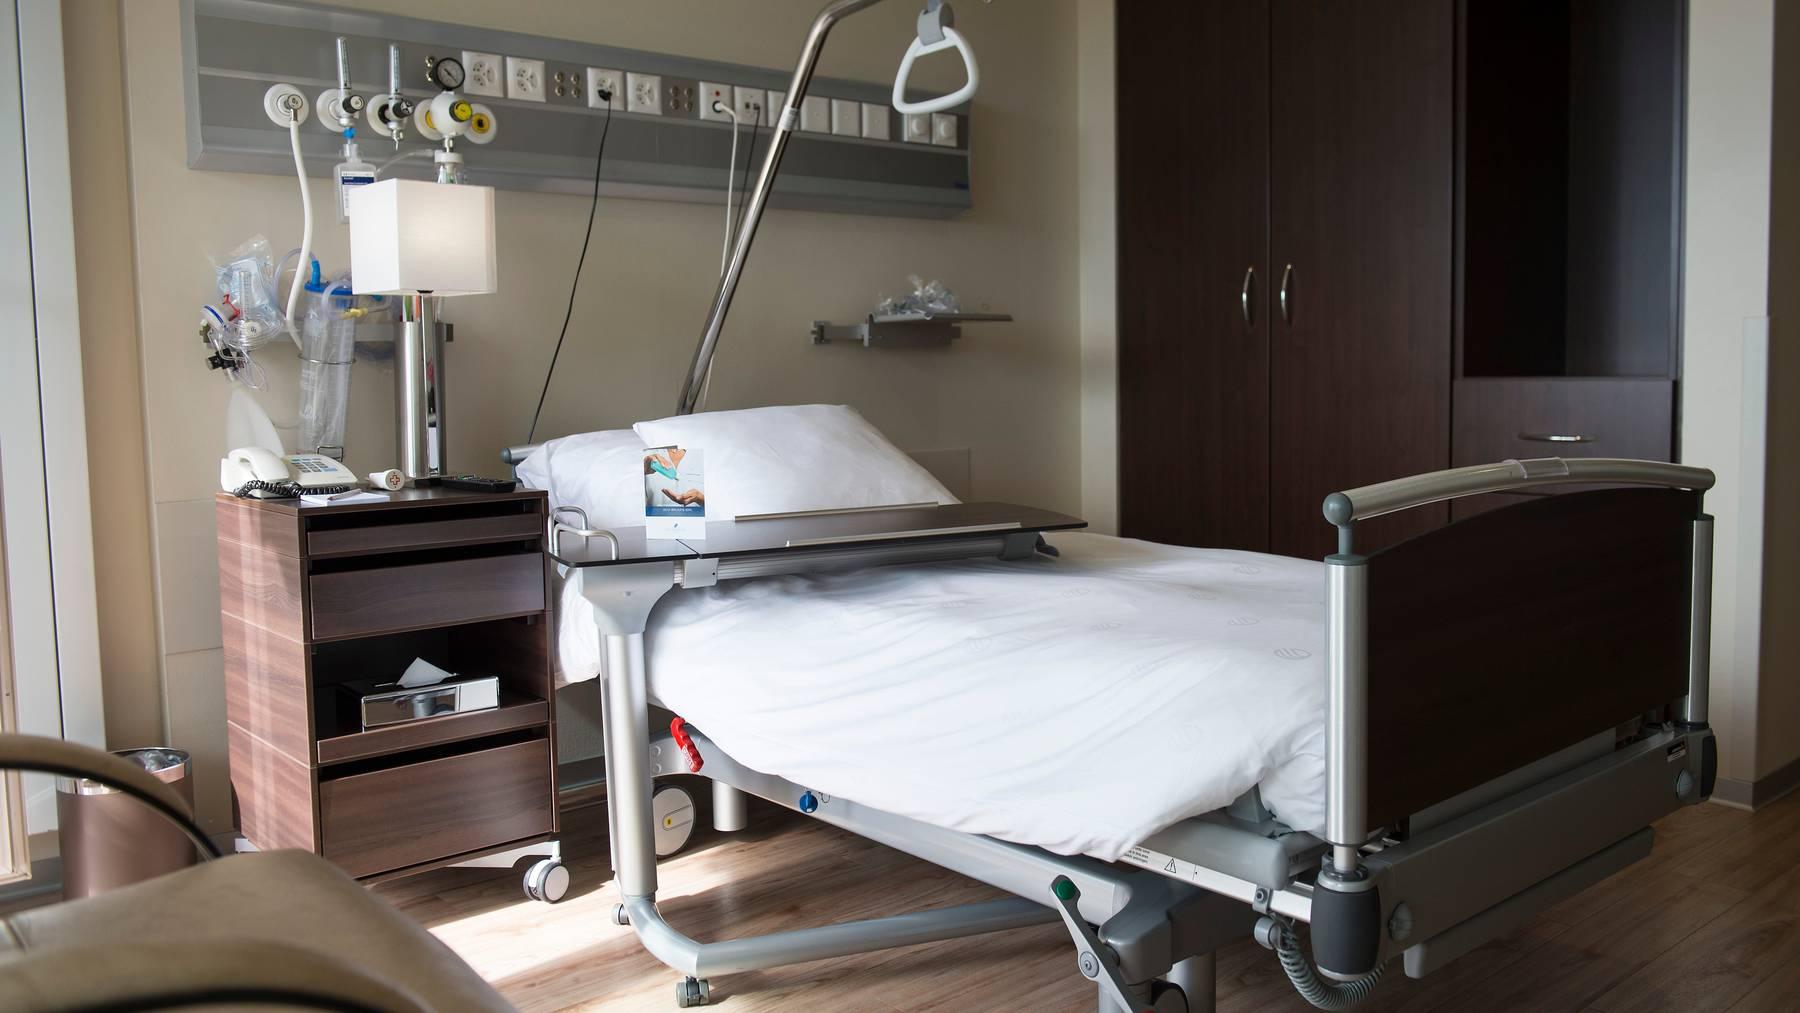 Laut der Finma gibt es «Missstände» im Bereich der Spitalzusatzversicherungen. (Symbolbild)